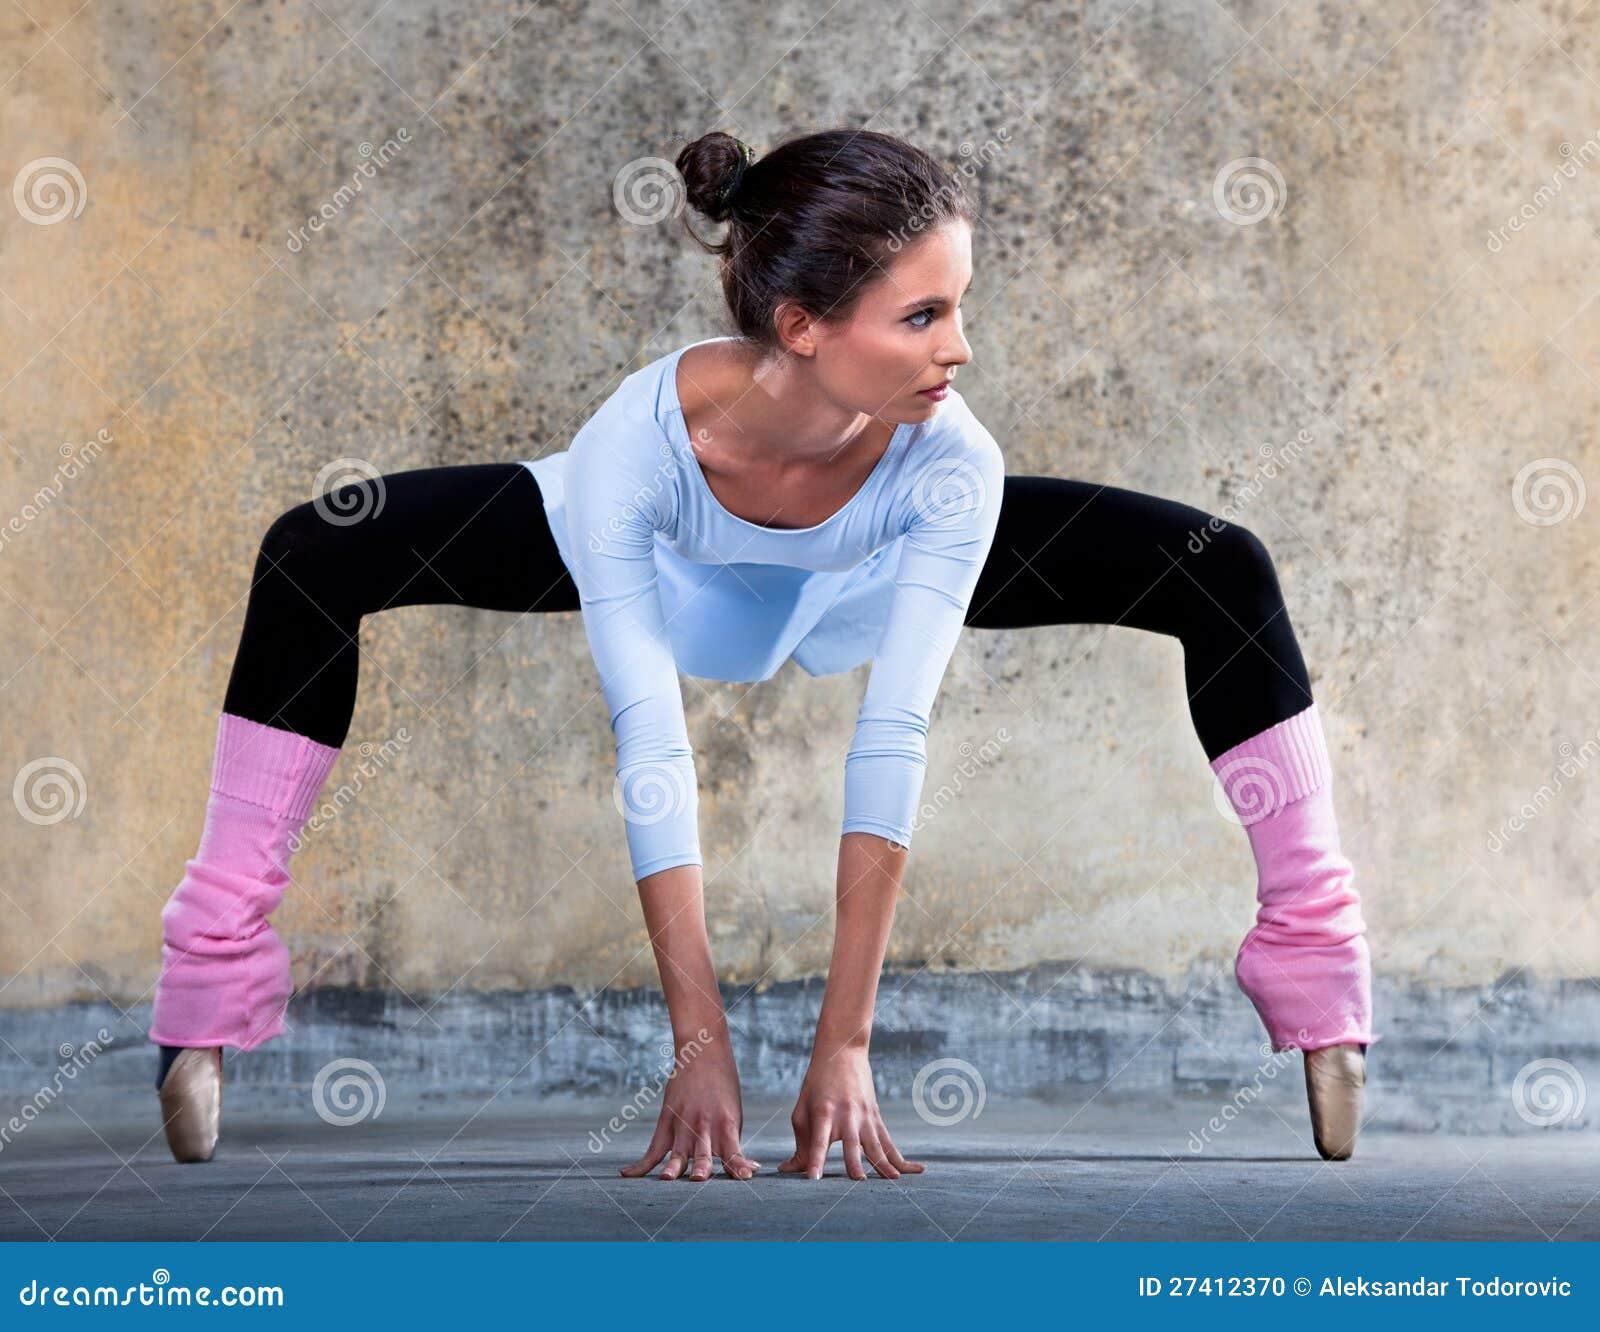 Тренировка балерин фото 19 фотография